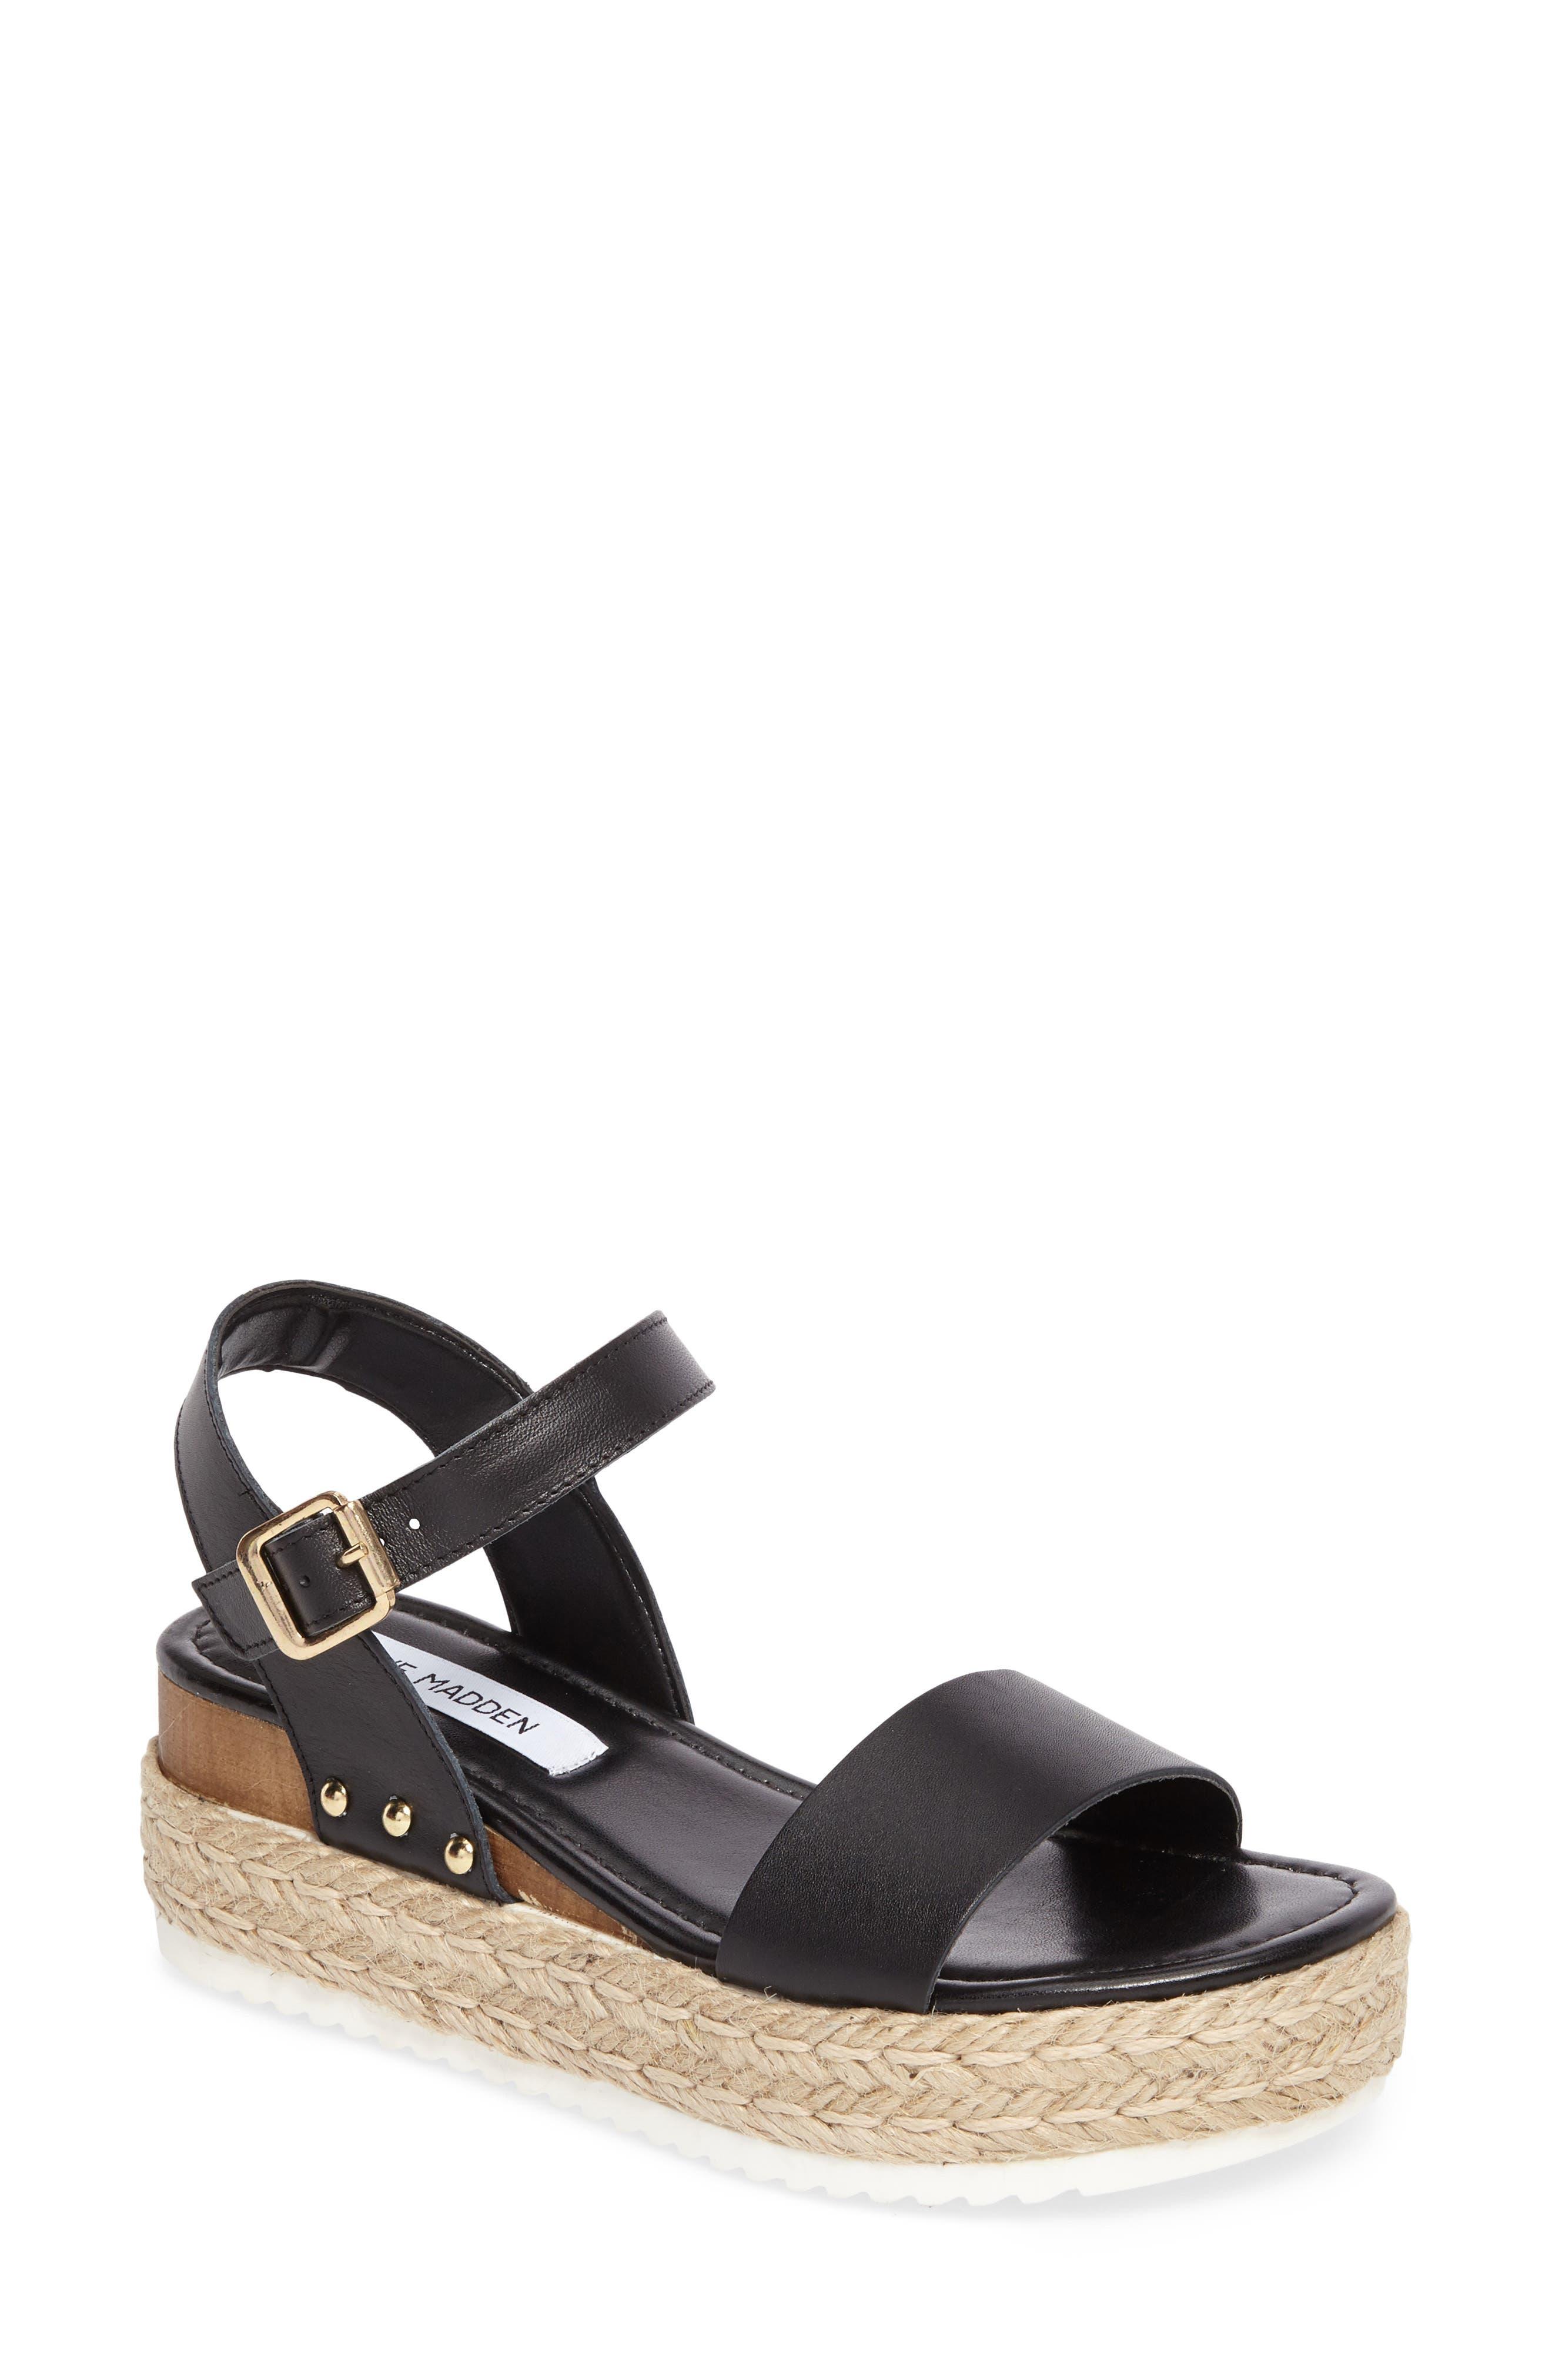 STEVE MADDEN Chiara Platform Espadrille Sandal, Main, color, BLACK LEATHER